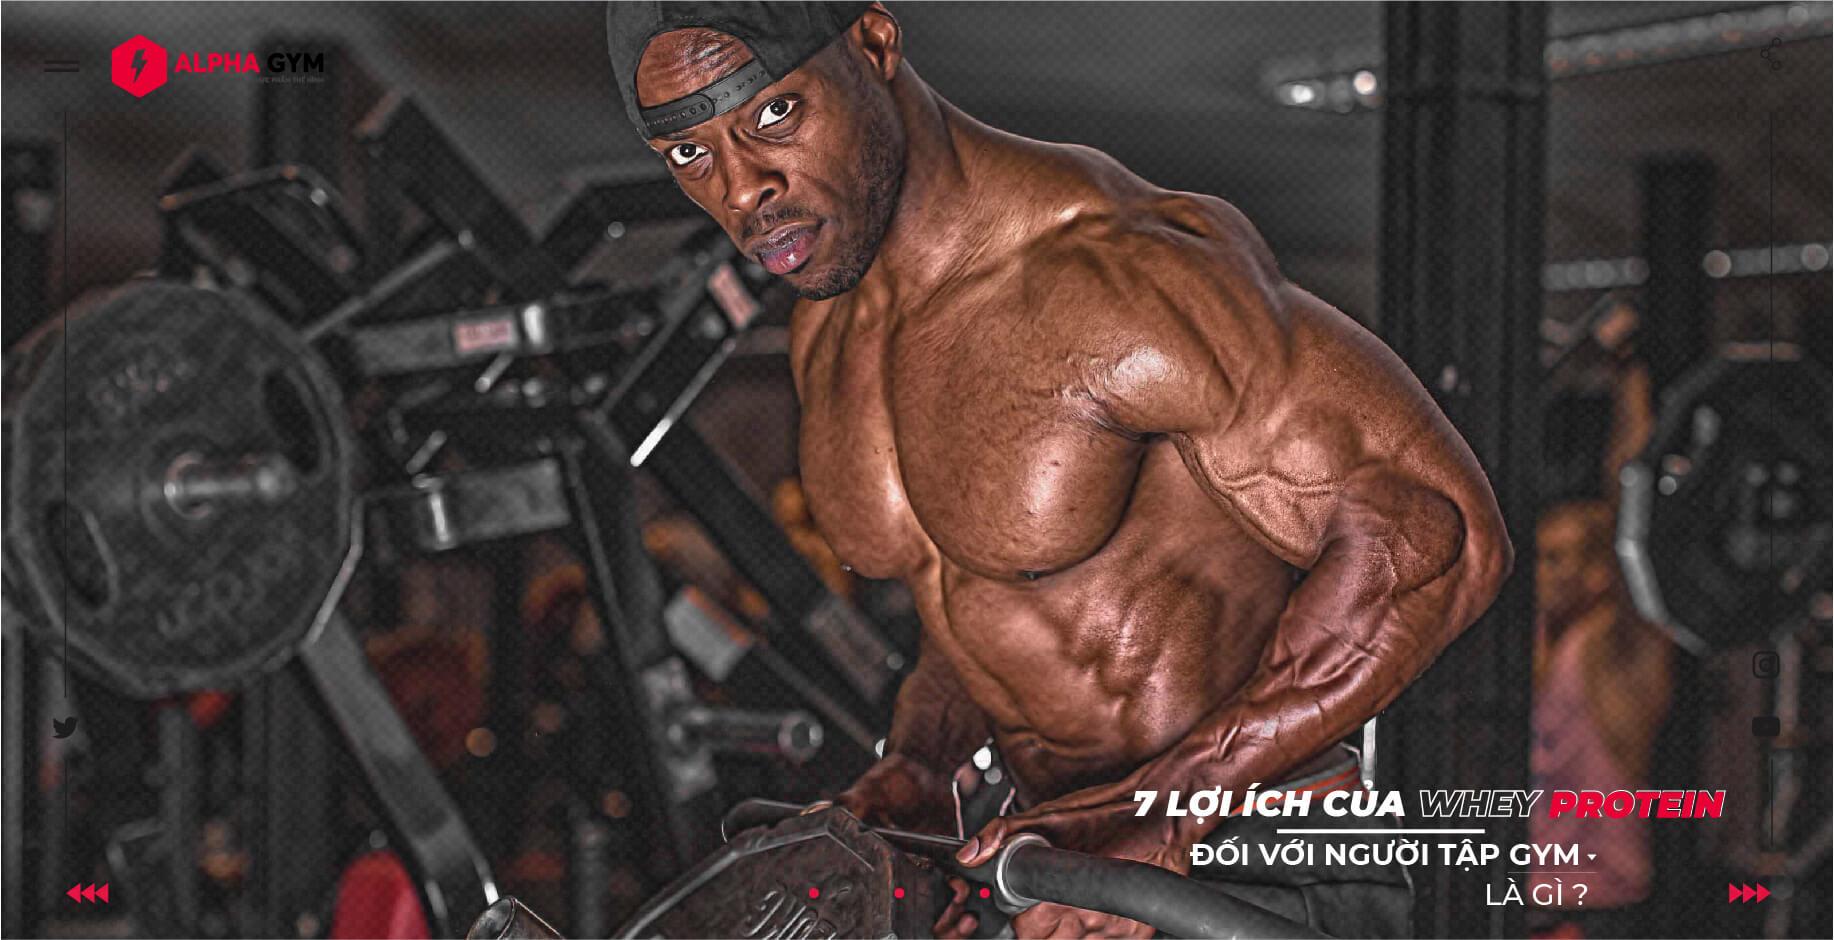 7 lợi ích của Whey Protein đối với người tập gym là gì ?